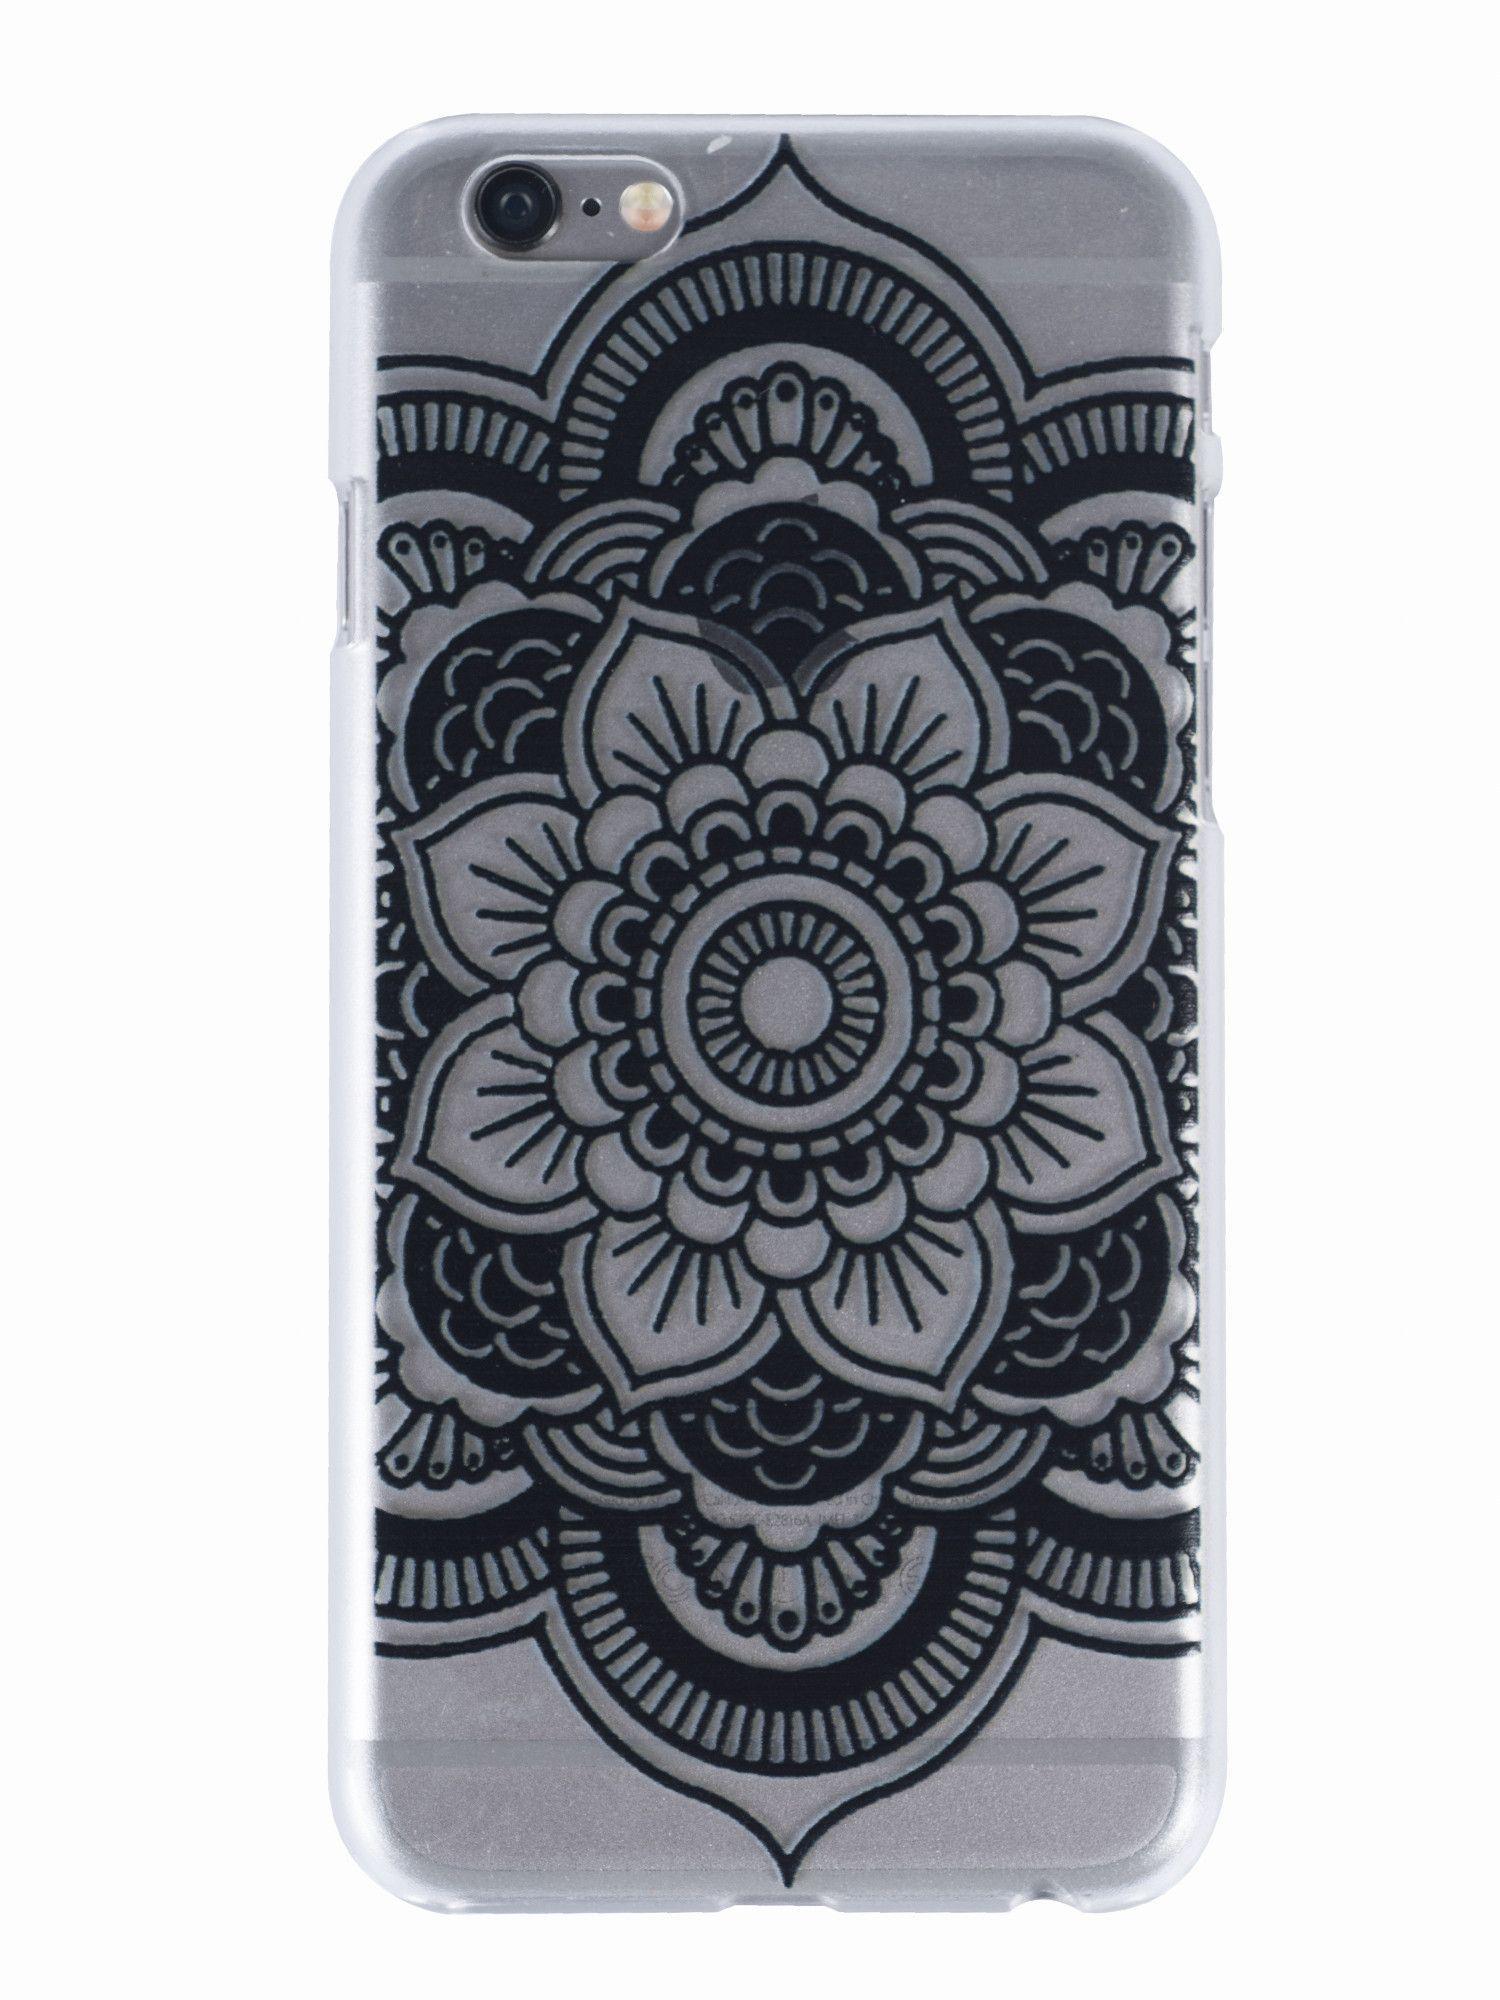 Rose Mandala iPhone 6 Case.  5c110e77da4